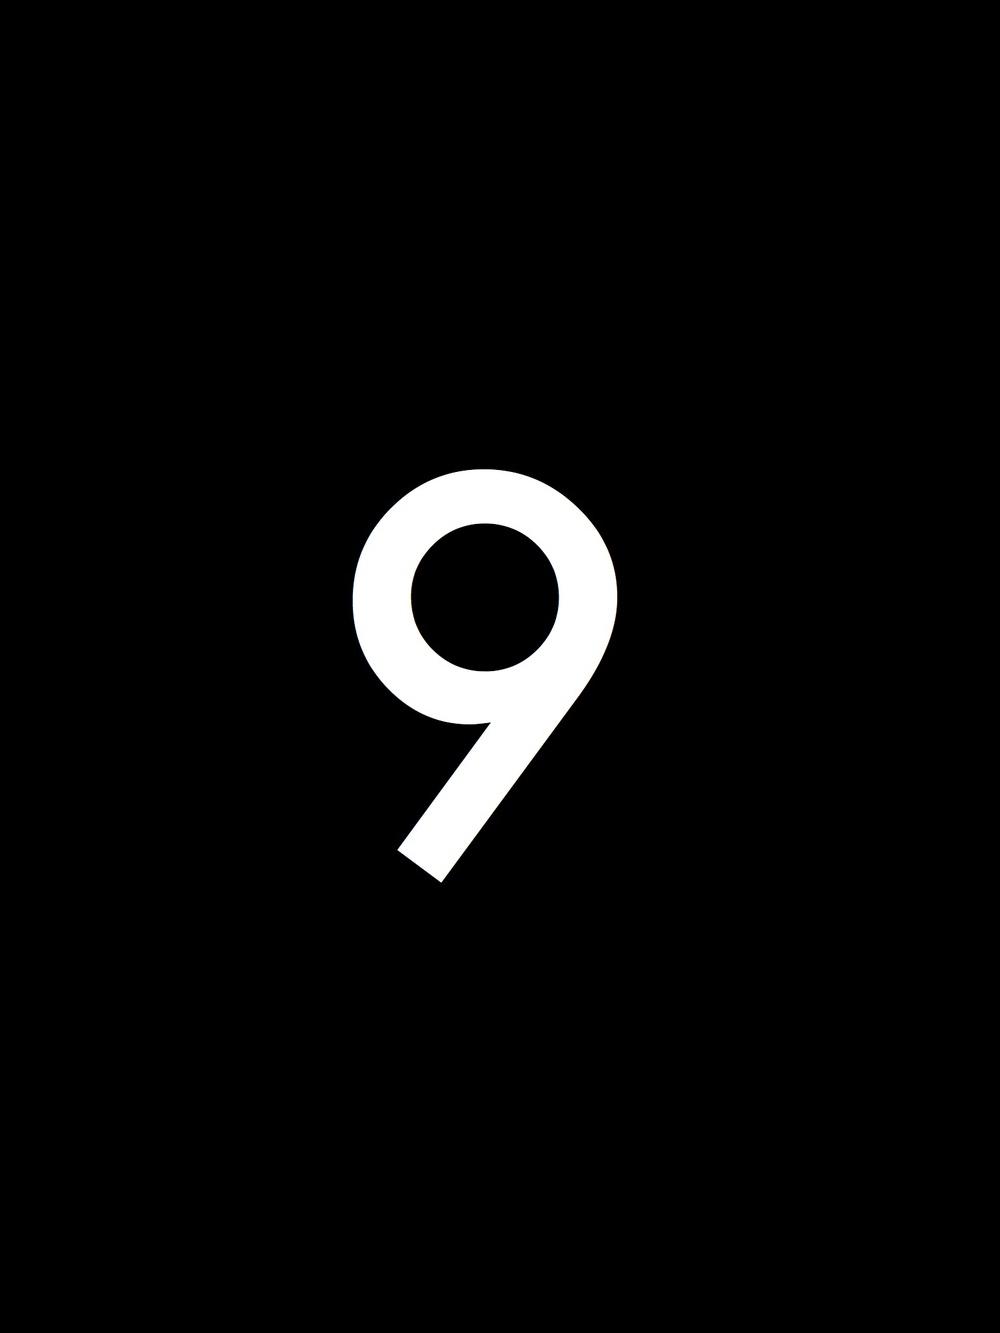 Black_Number.009.jpg